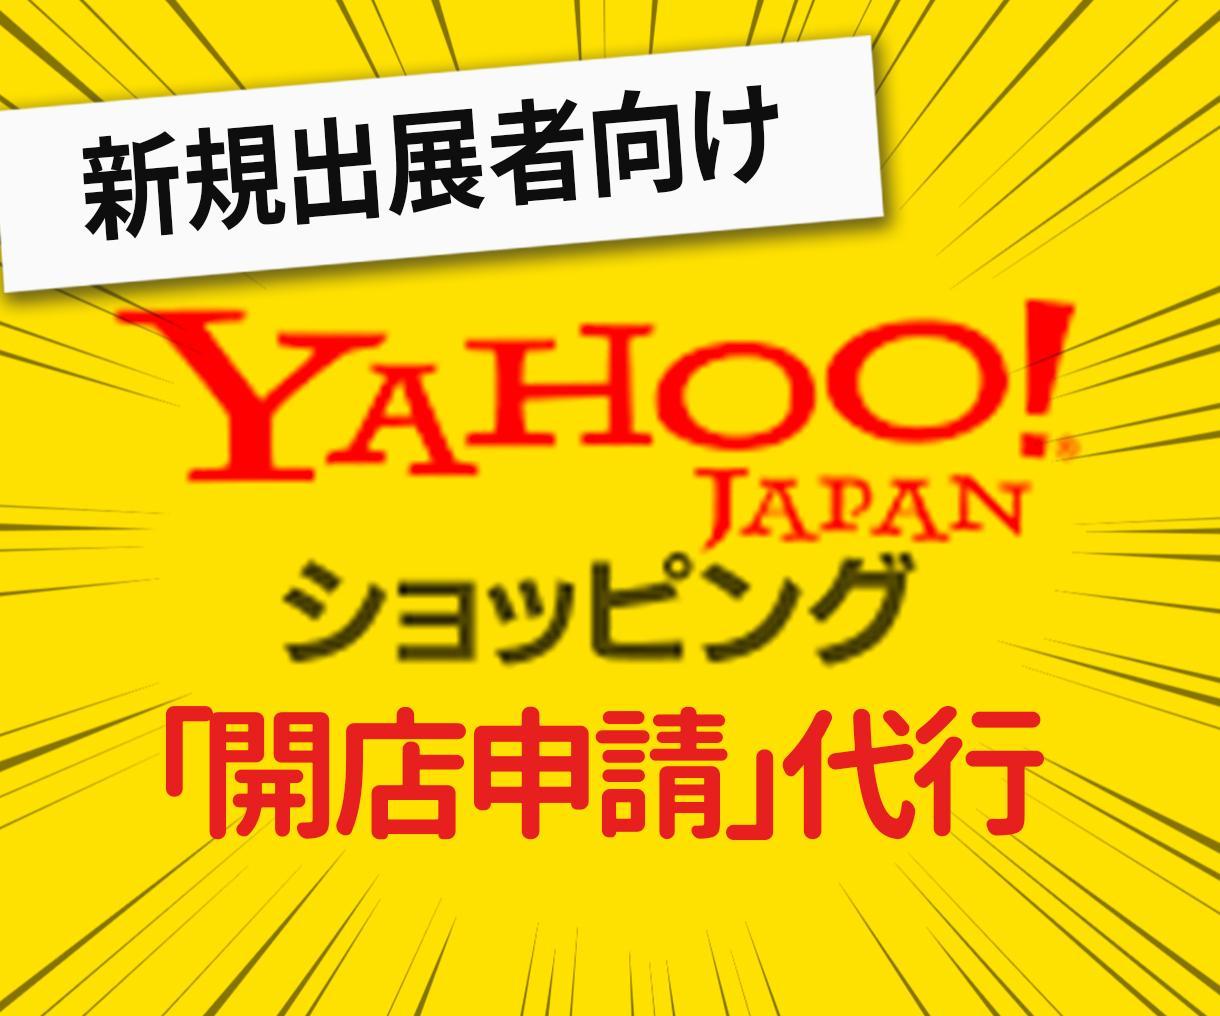 Yahooショッピング【開店申請 】いたします 開店の不安解消 むずかしい送料などの各種設定 イメージ1